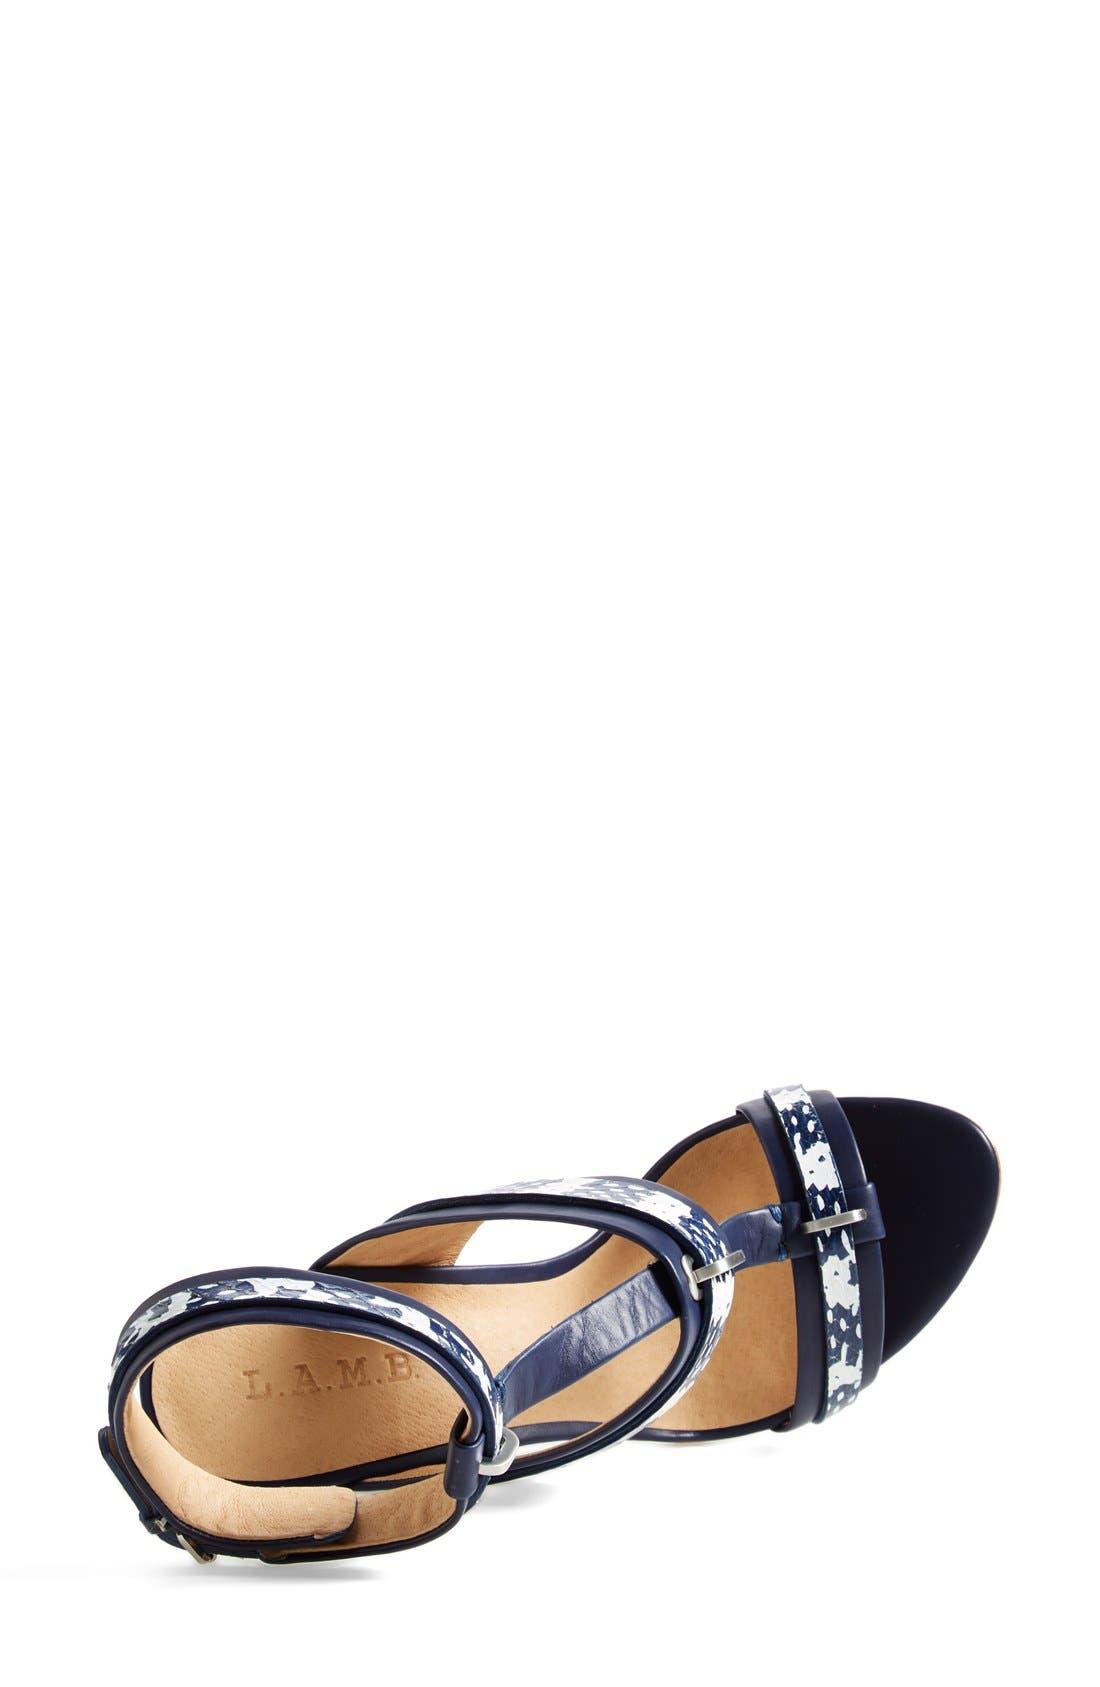 Alternate Image 3  - L.A.M.B. 'Bradley' T-Strap Sandal (Women)